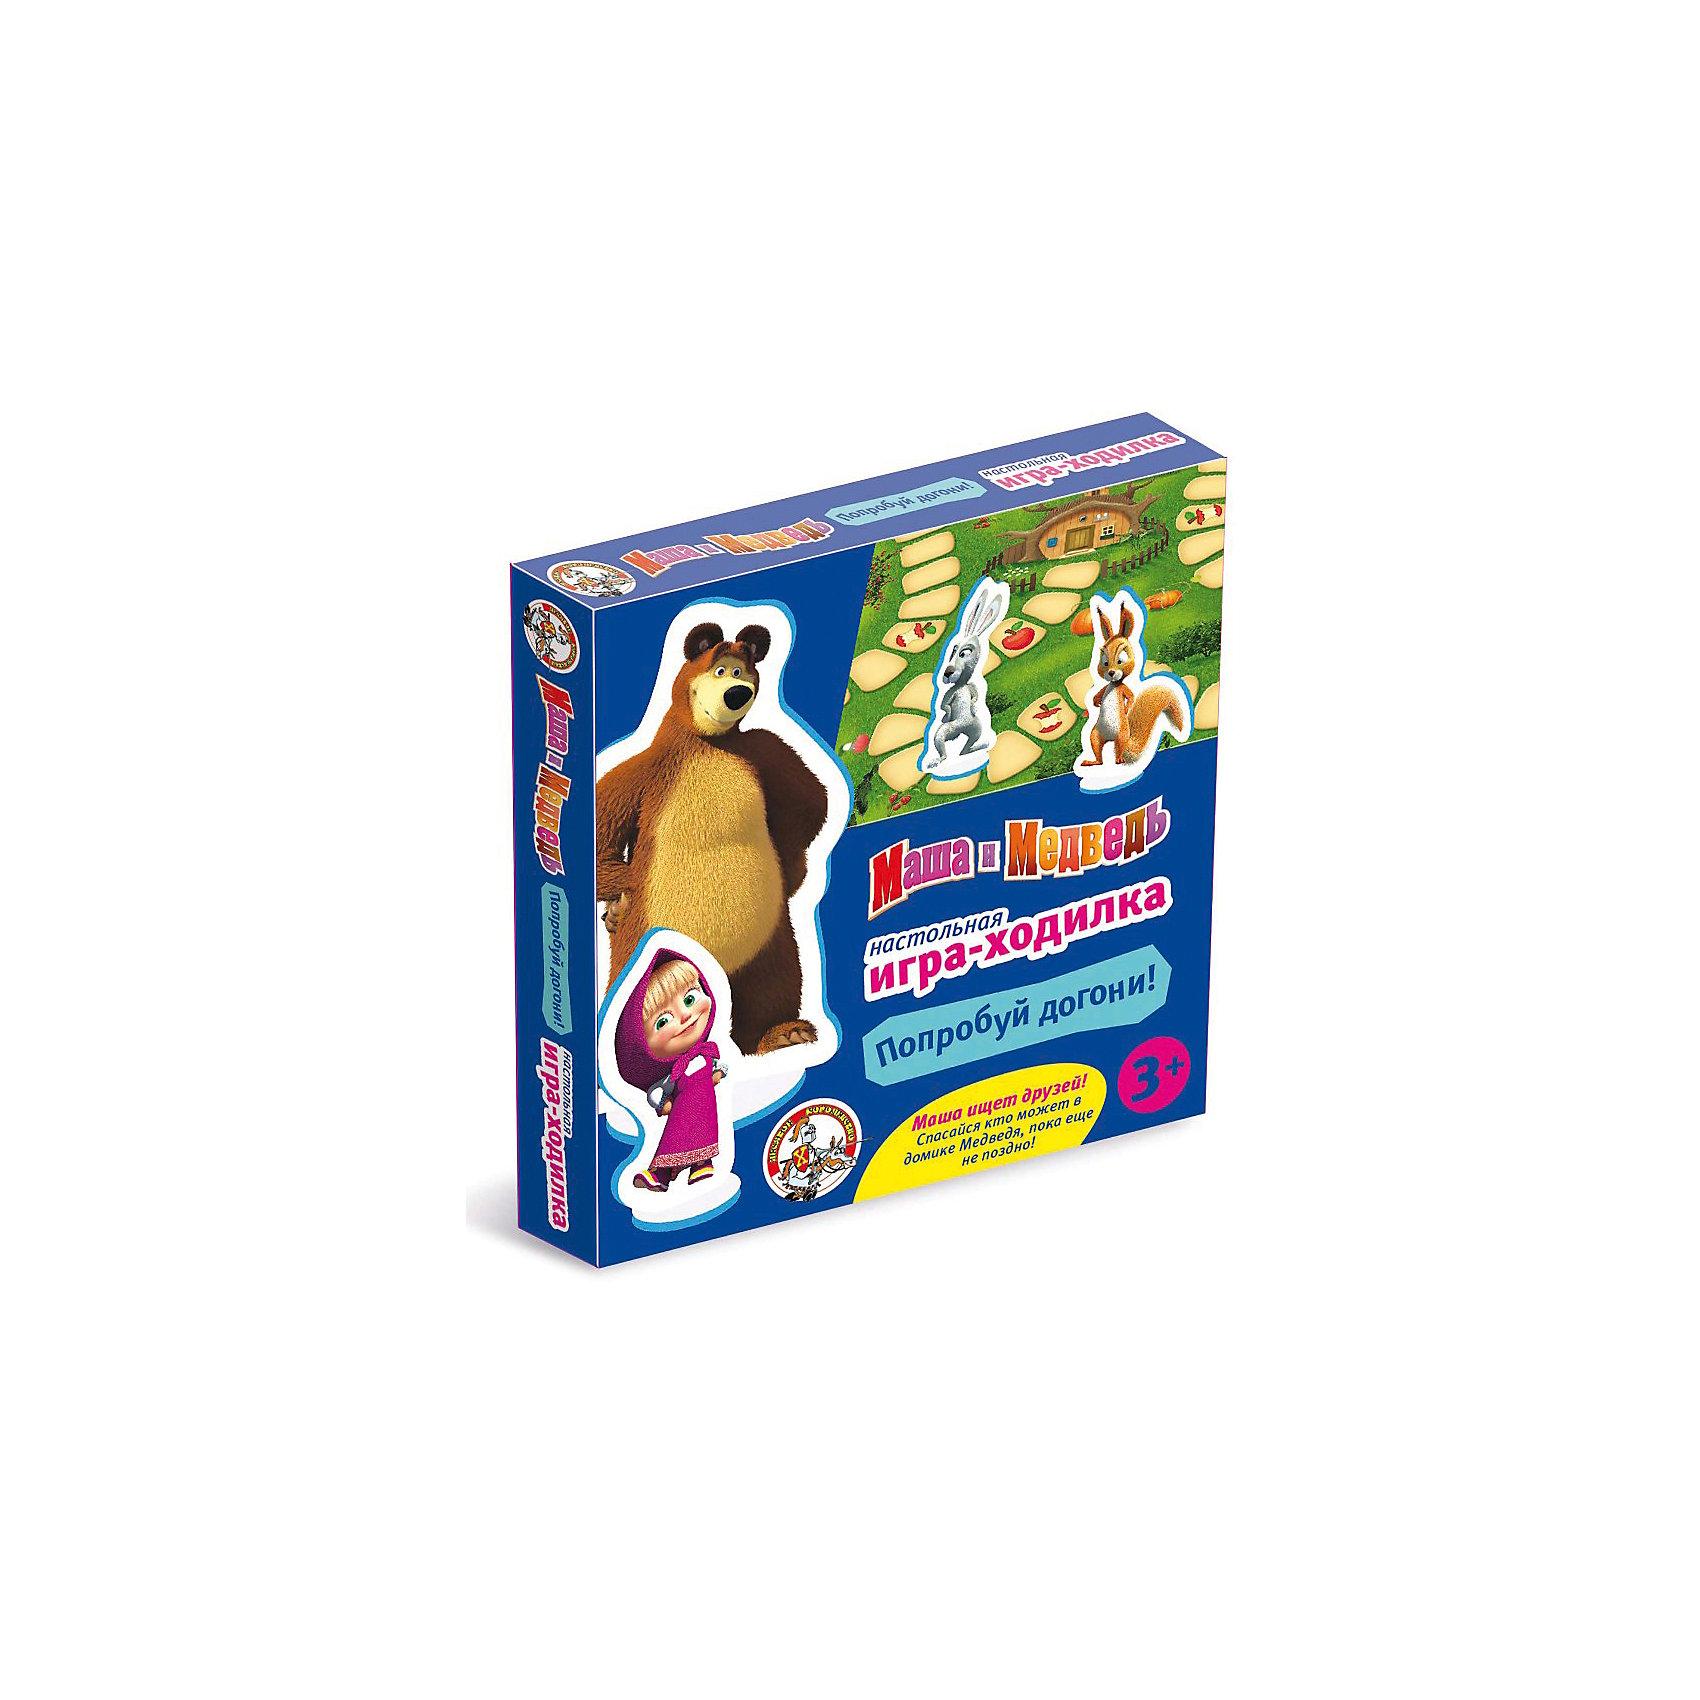 Игра-ходилка Попробуй догони, Маша и МедведьНастольные игры ходилки<br>Дети обожают мультсериал Маша и Медведь! Но долго смотреть мультфильмы нельзя, а расставаться с озорницей Машей так не хочется! Подарите малышу чудесную игру-ходилку Попробуй догони Маша и Медведь и дети будут увлеченно бросать игральный кубик и радоваться победе. Яркое игровое поле и фишки с изображением любимых персонажей, сделают игру самой любимой. Увлекшись игрой, ребенок даже не замечает, как совершенствует навыки устного счета и внимание. Игры-ходилку самые любимые у детей, ведь правила очень просты, поэтому можно сразу начинать играть. Сюжет игры очень веселый: Маша как всегда бродит по лесу в поисках веселых игр и тут замечает знакомых зверушек и начинает их догонять. Если зверушки не спрячутся в доме Мишки, то Маша заставит их играть целый день. По пути героев ожидает множество сюрпризов и приключений. Станет ли Маша победительницей или звери будут проворнее - решится в игре!<br><br>Дополнительная информация:<br><br>- В комплекте: игровое поле, фишка с Машей, 3 фишка с лесными жителями, игральный кубик;   <br>- Количество игроков: 2-4 человека;<br>- Особенно понравится поклонникам мультсериала Маша и Медведь;<br>- Отличное качество элементов;<br>- Яркое игровое поле;<br>- Долгий срок службы;<br>- Интересный сюжет;<br>- Материал: картон;<br>- Размер упаковки: 28 х 28 х 4,5 см.<br><br>Игру-ходилку Попробуй догони, Маша и Медведь  можно купить в нашем интернет-магазине.<br><br>Ширина мм: 28<br>Глубина мм: 28<br>Высота мм: 4<br>Вес г: 268<br>Возраст от месяцев: 36<br>Возраст до месяцев: 72<br>Пол: Унисекс<br>Возраст: Детский<br>SKU: 4162738